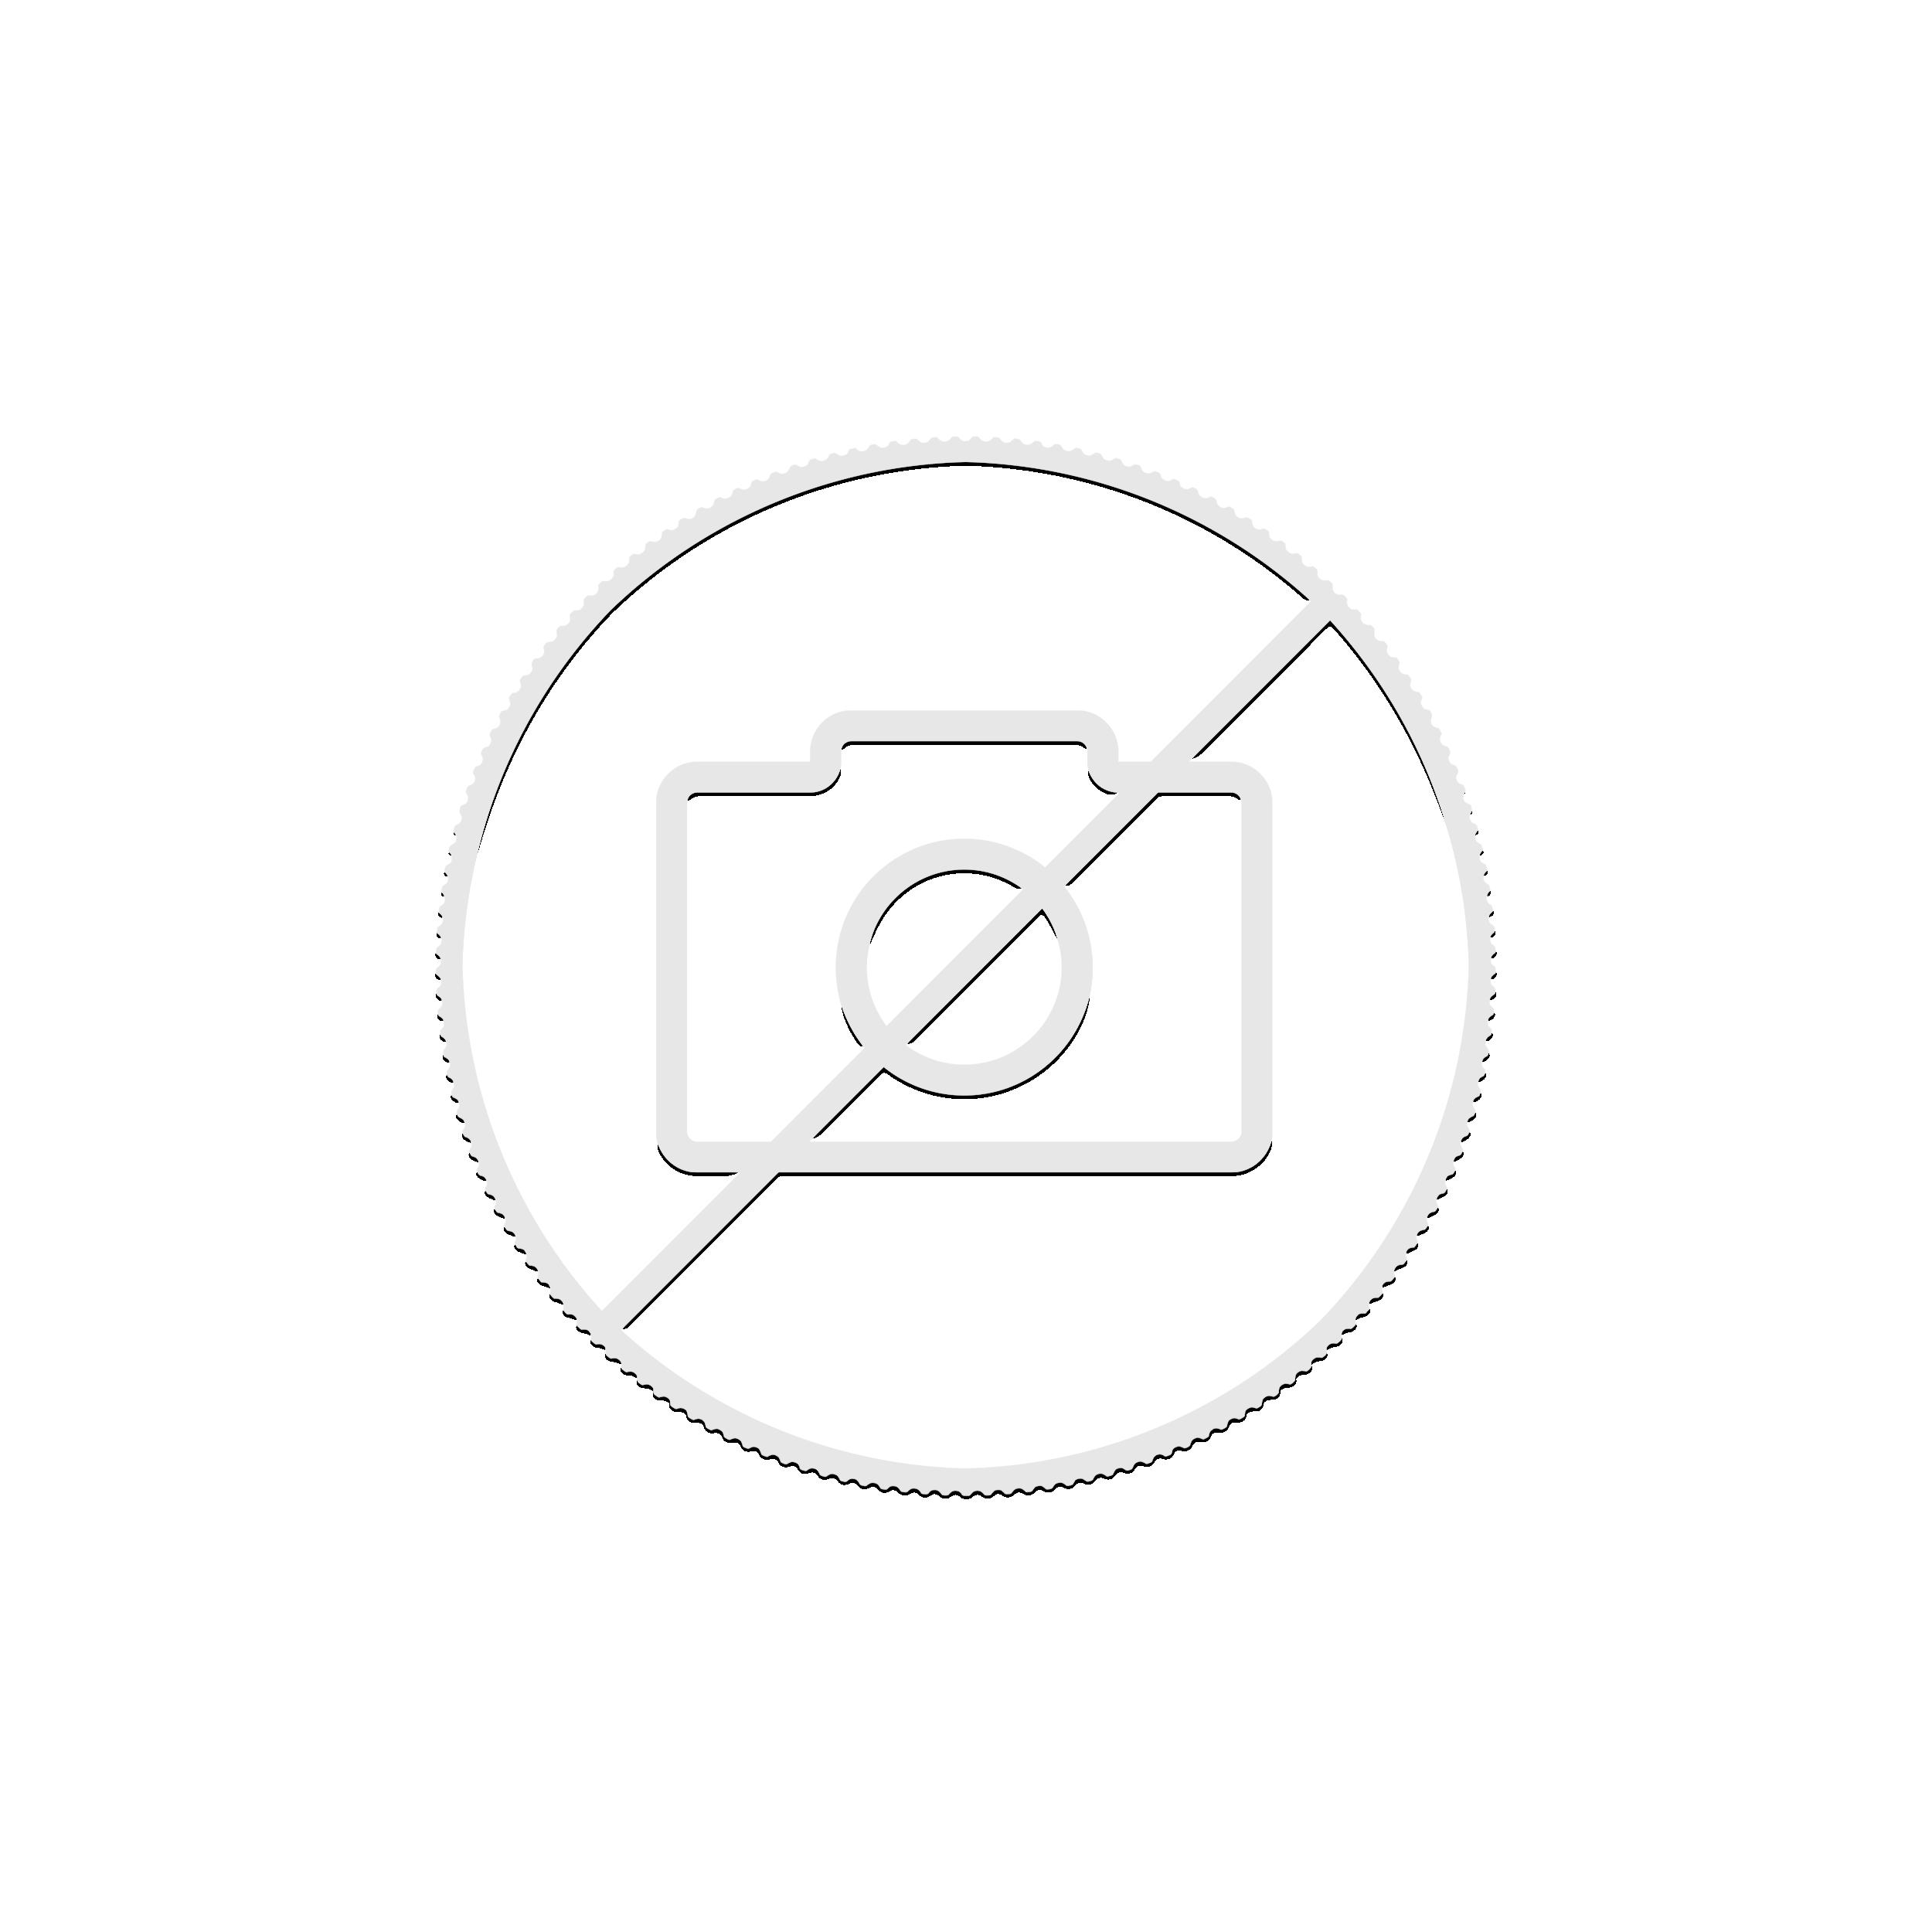 1 troy ounce gold Lunar coin 2009